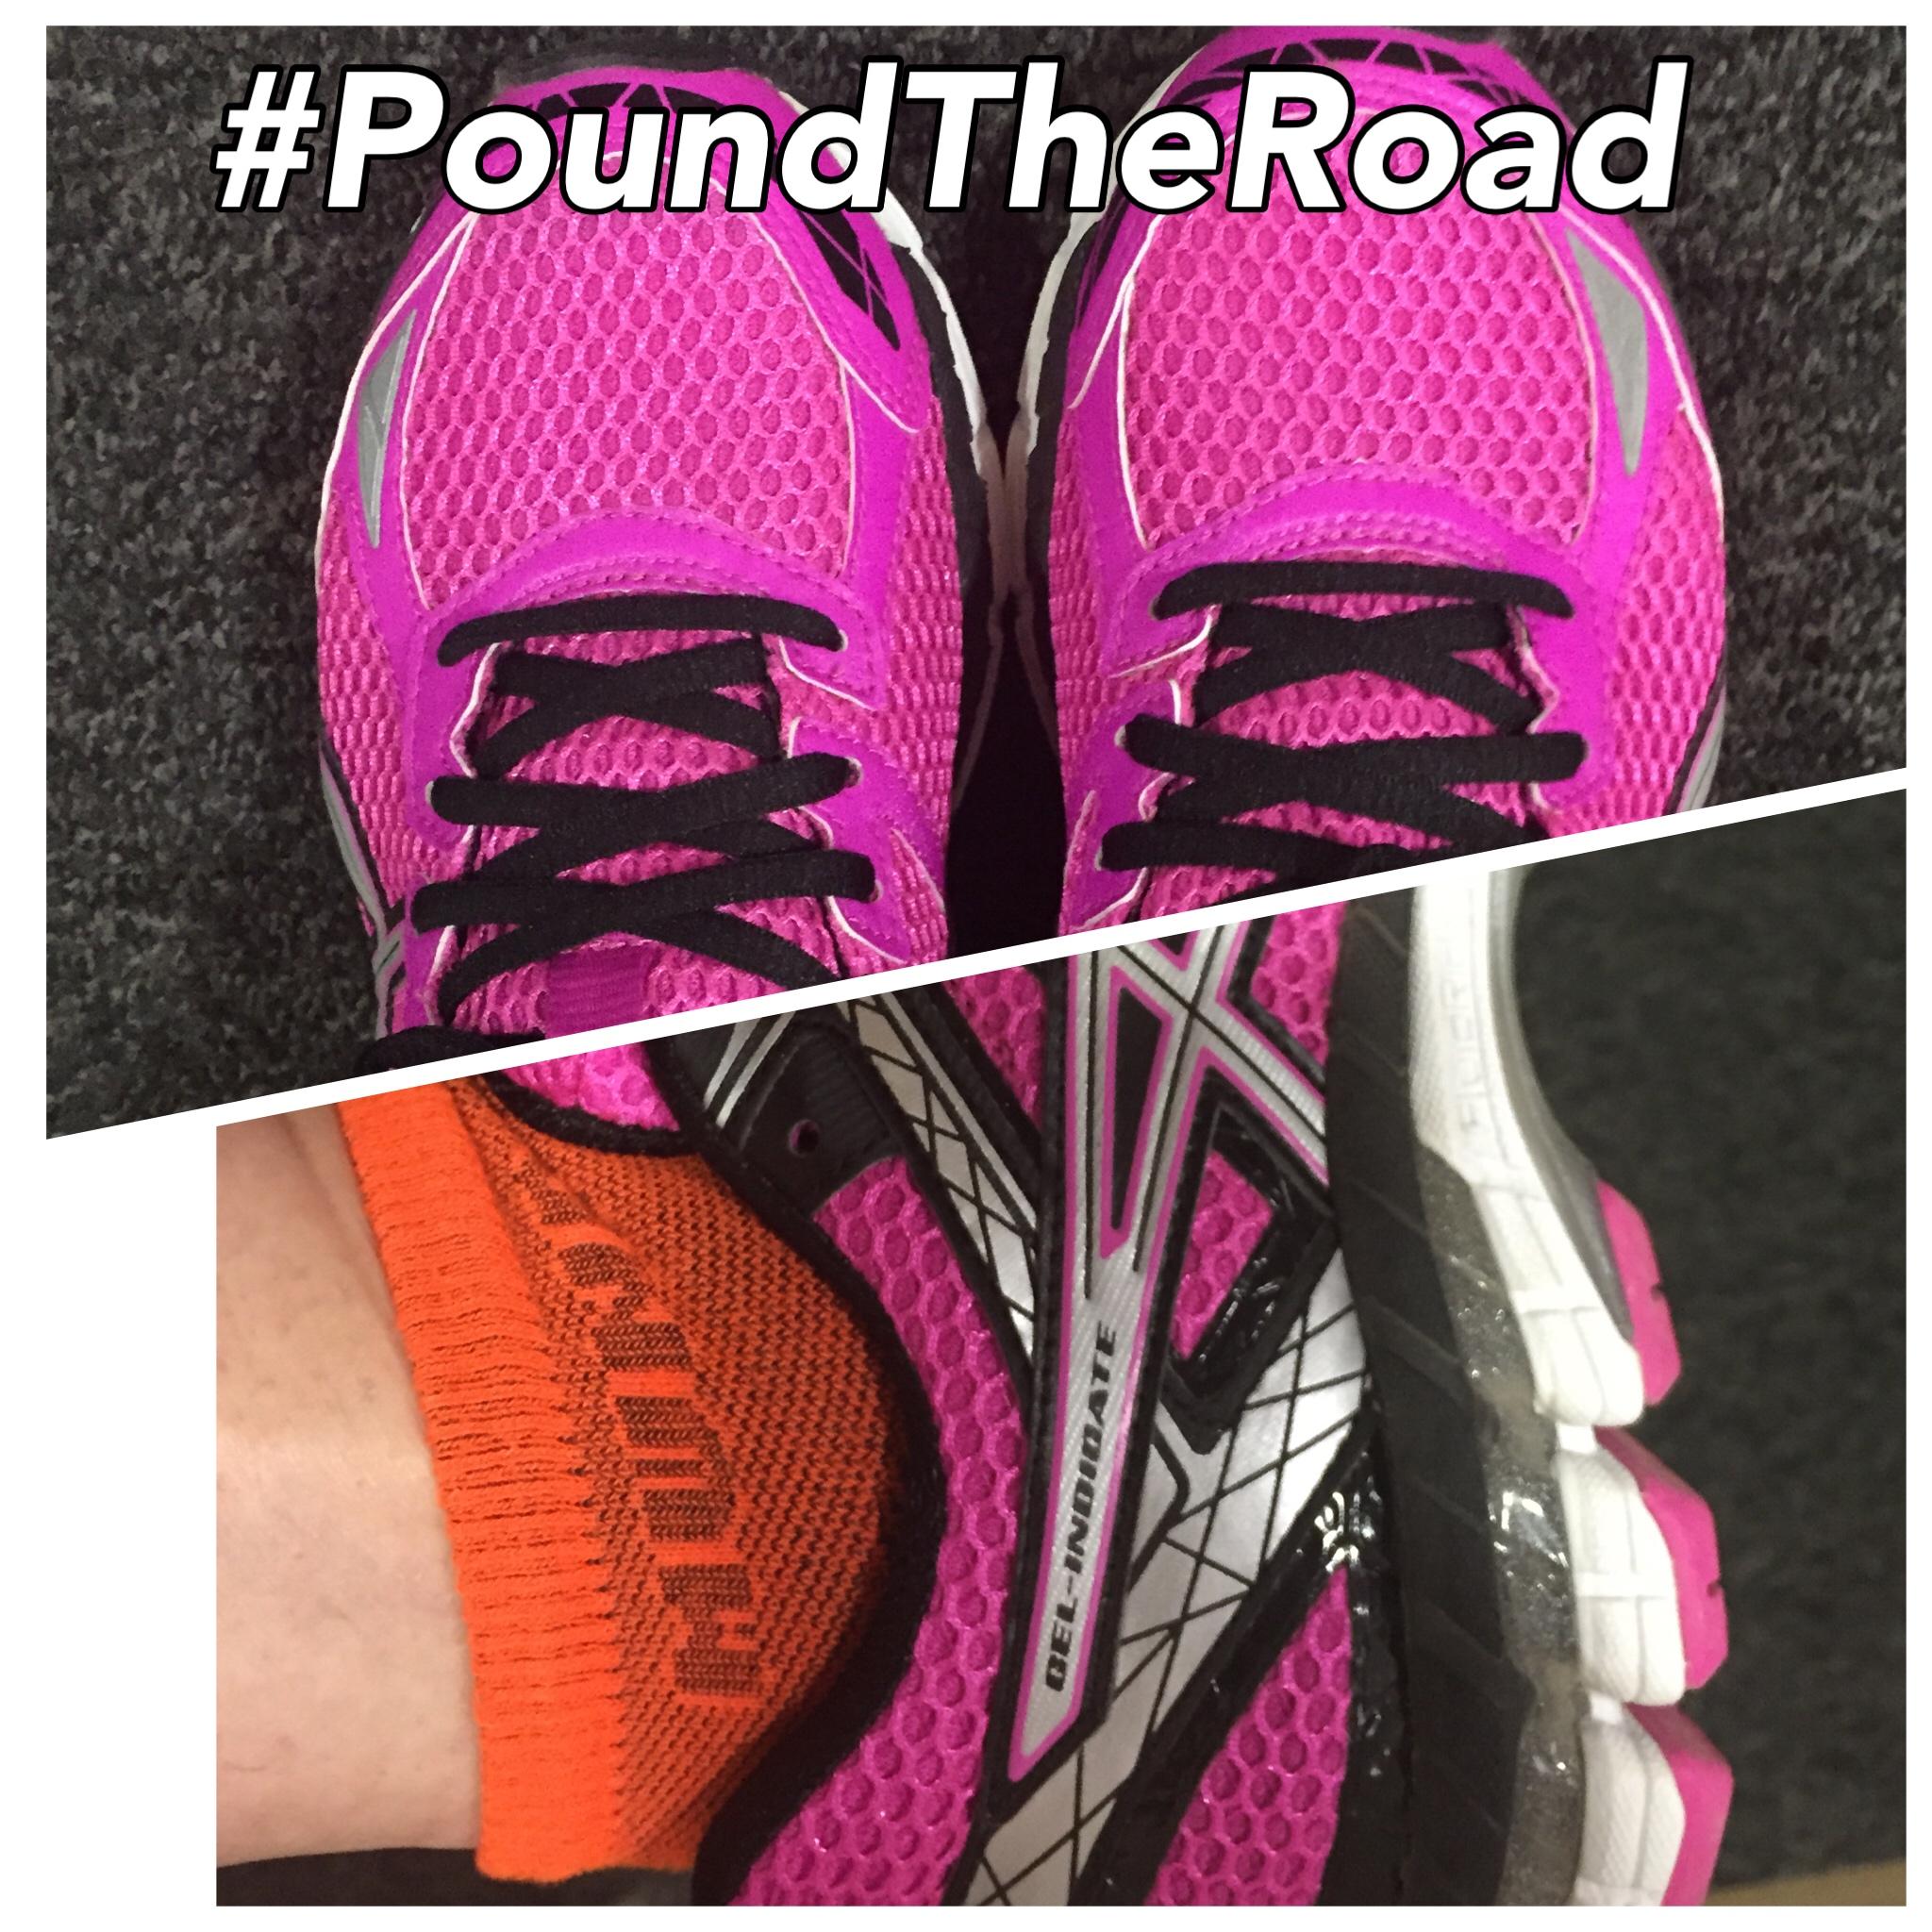 #PoundTheRoad